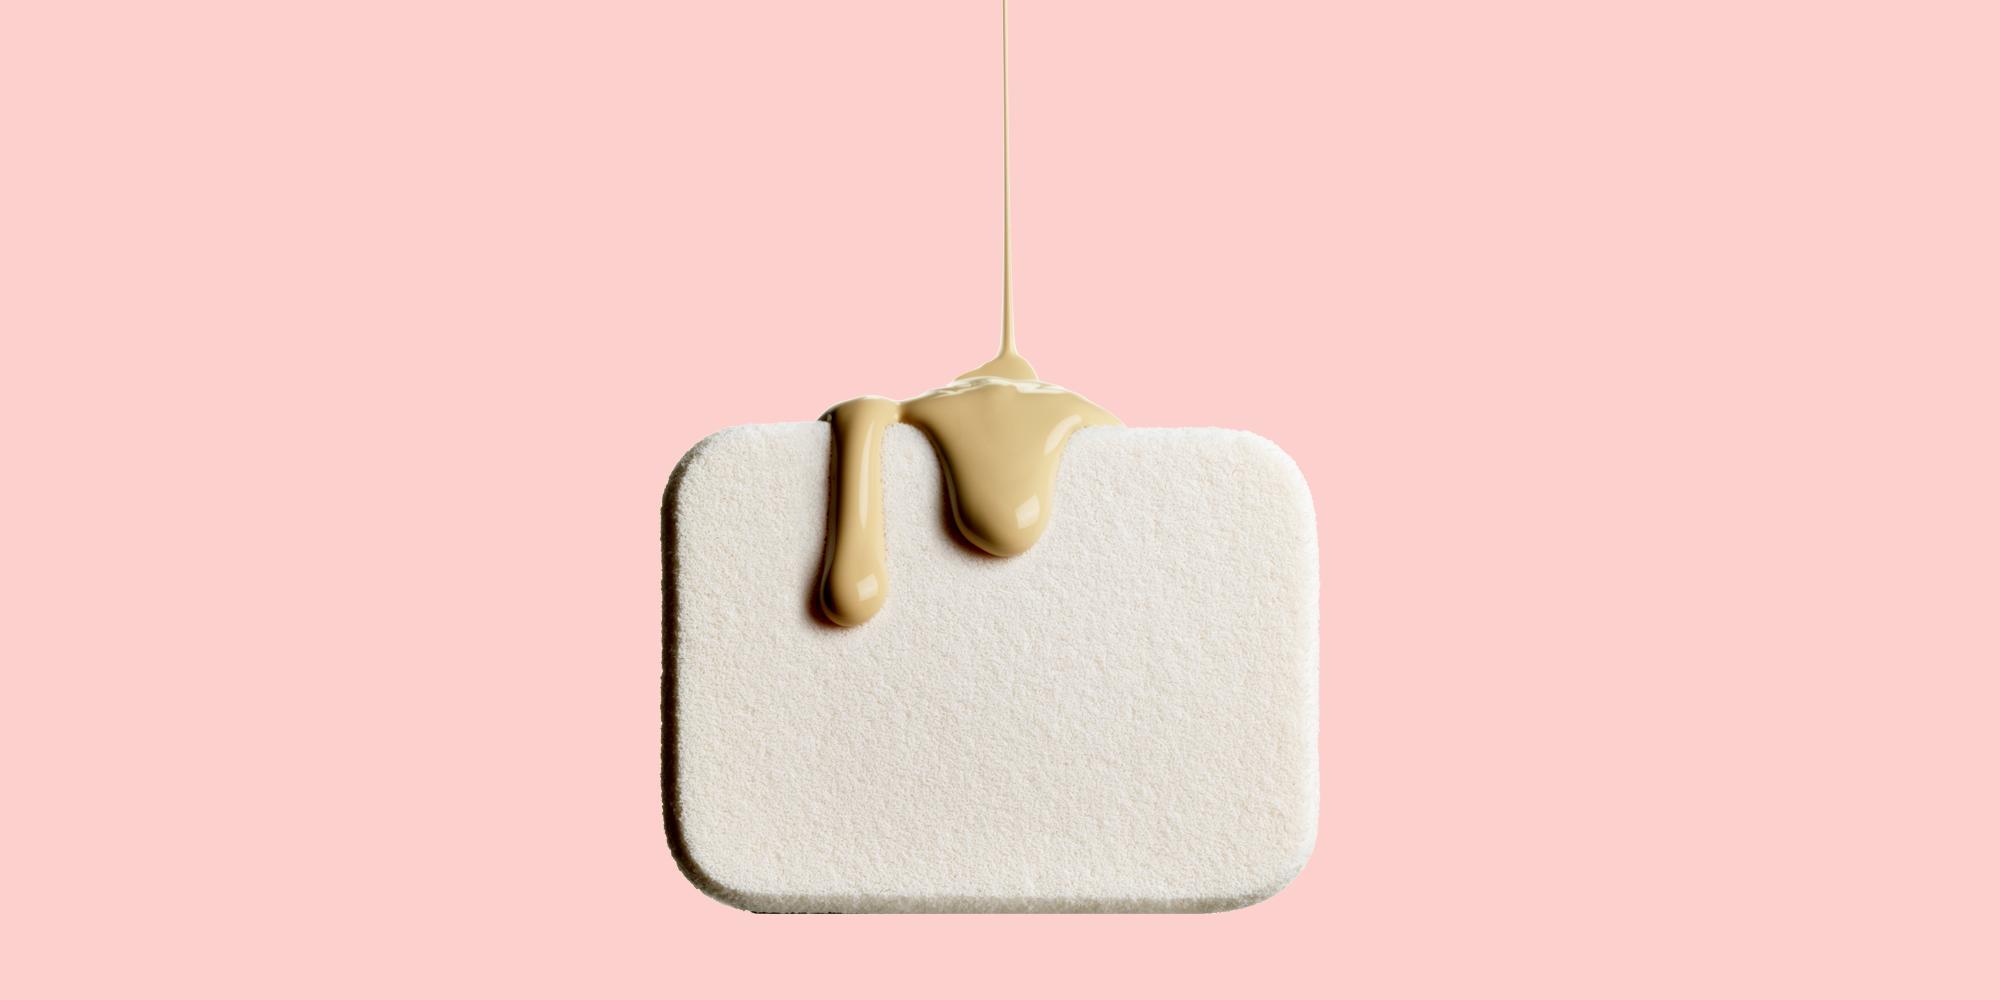 10 Best Drugstore Foundations For Dry Skin 2020